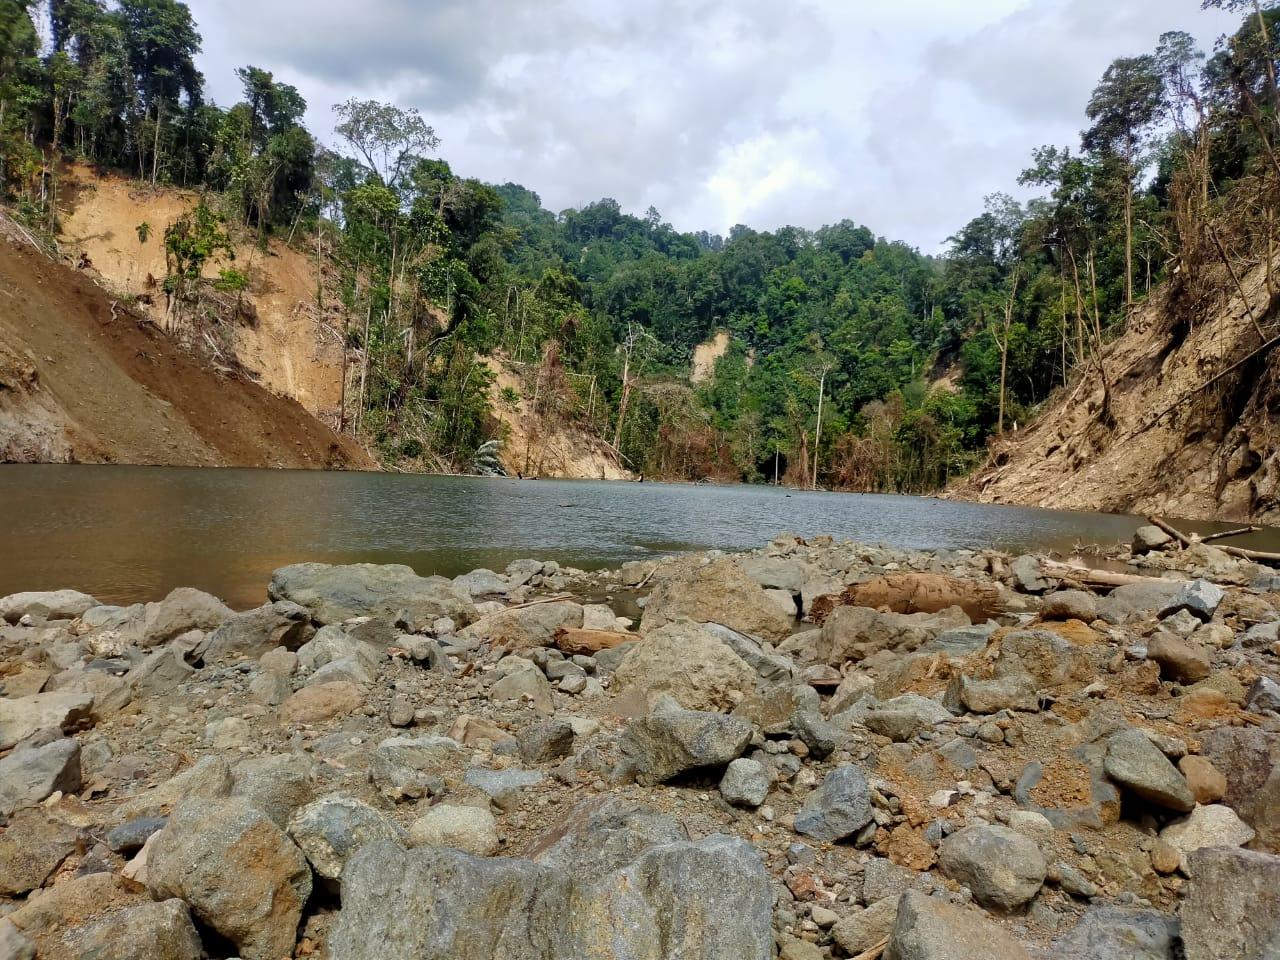 Potensi Banjir Sungai Deking, Butuh Respons Cepat Pemerintah